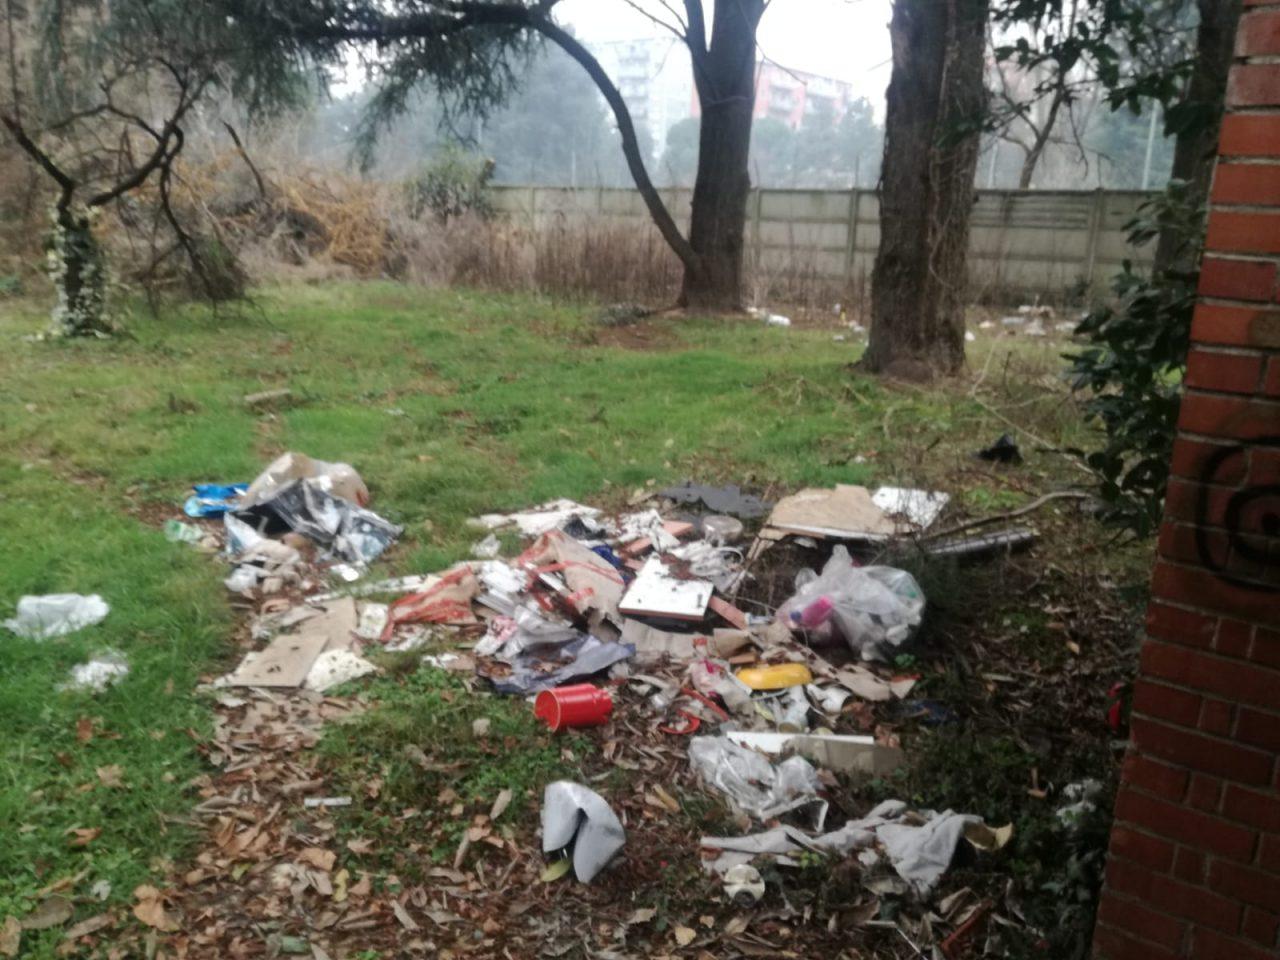 Casa piena di rifiuti e topi vicino alla scuola foto - Casa piena di zanzare ...